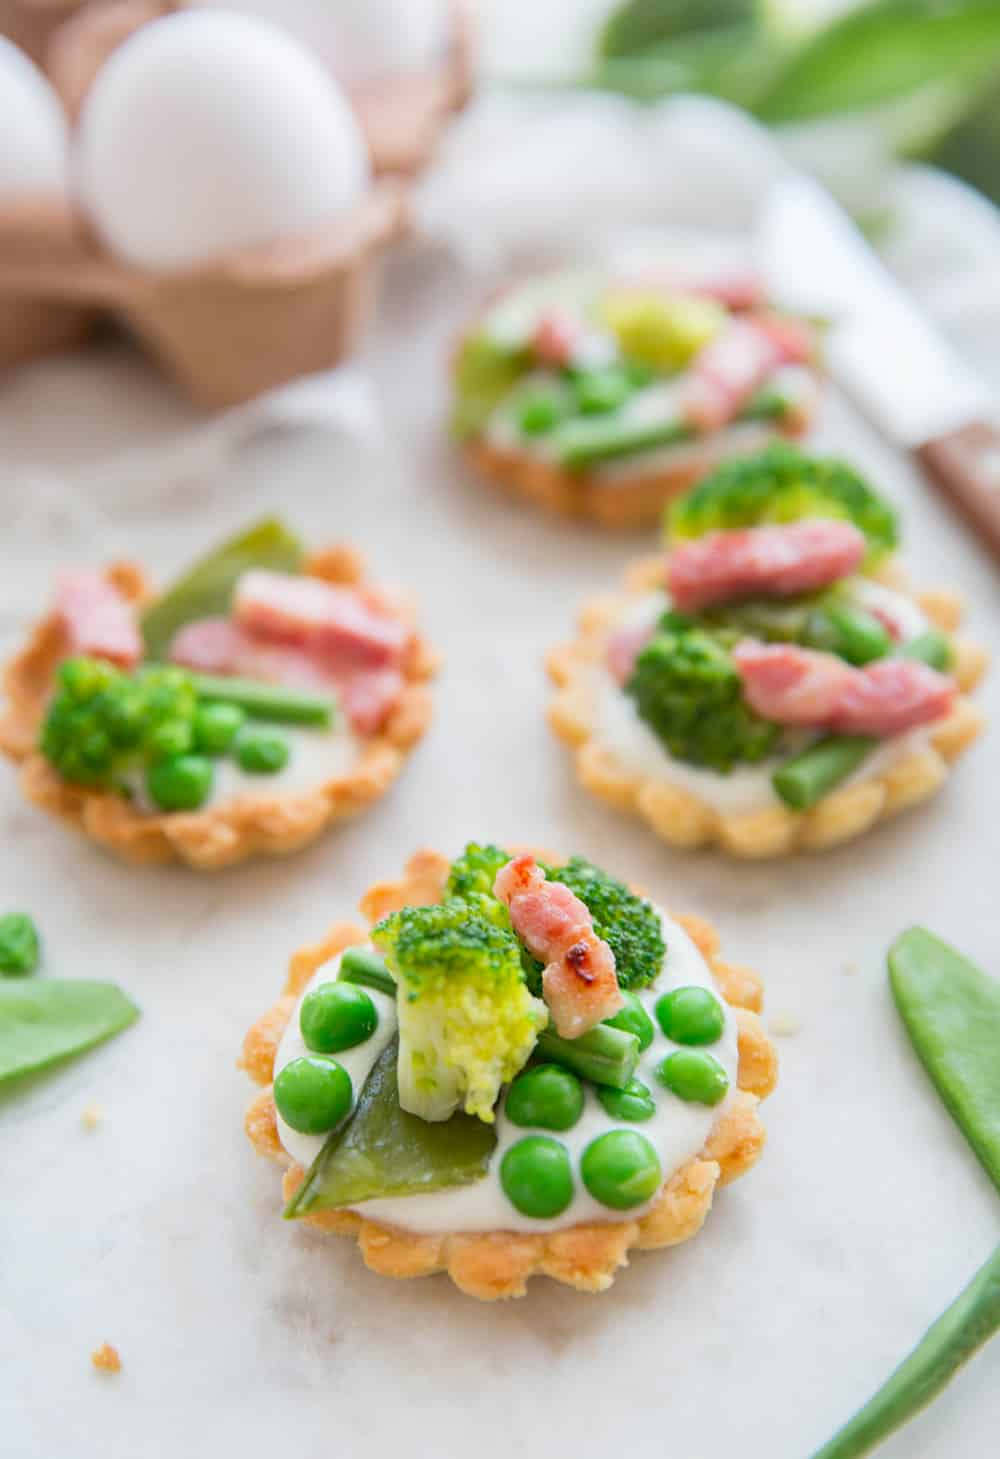 Tartelettes au légumes verts, crème ricotta et lardons Brocéliande